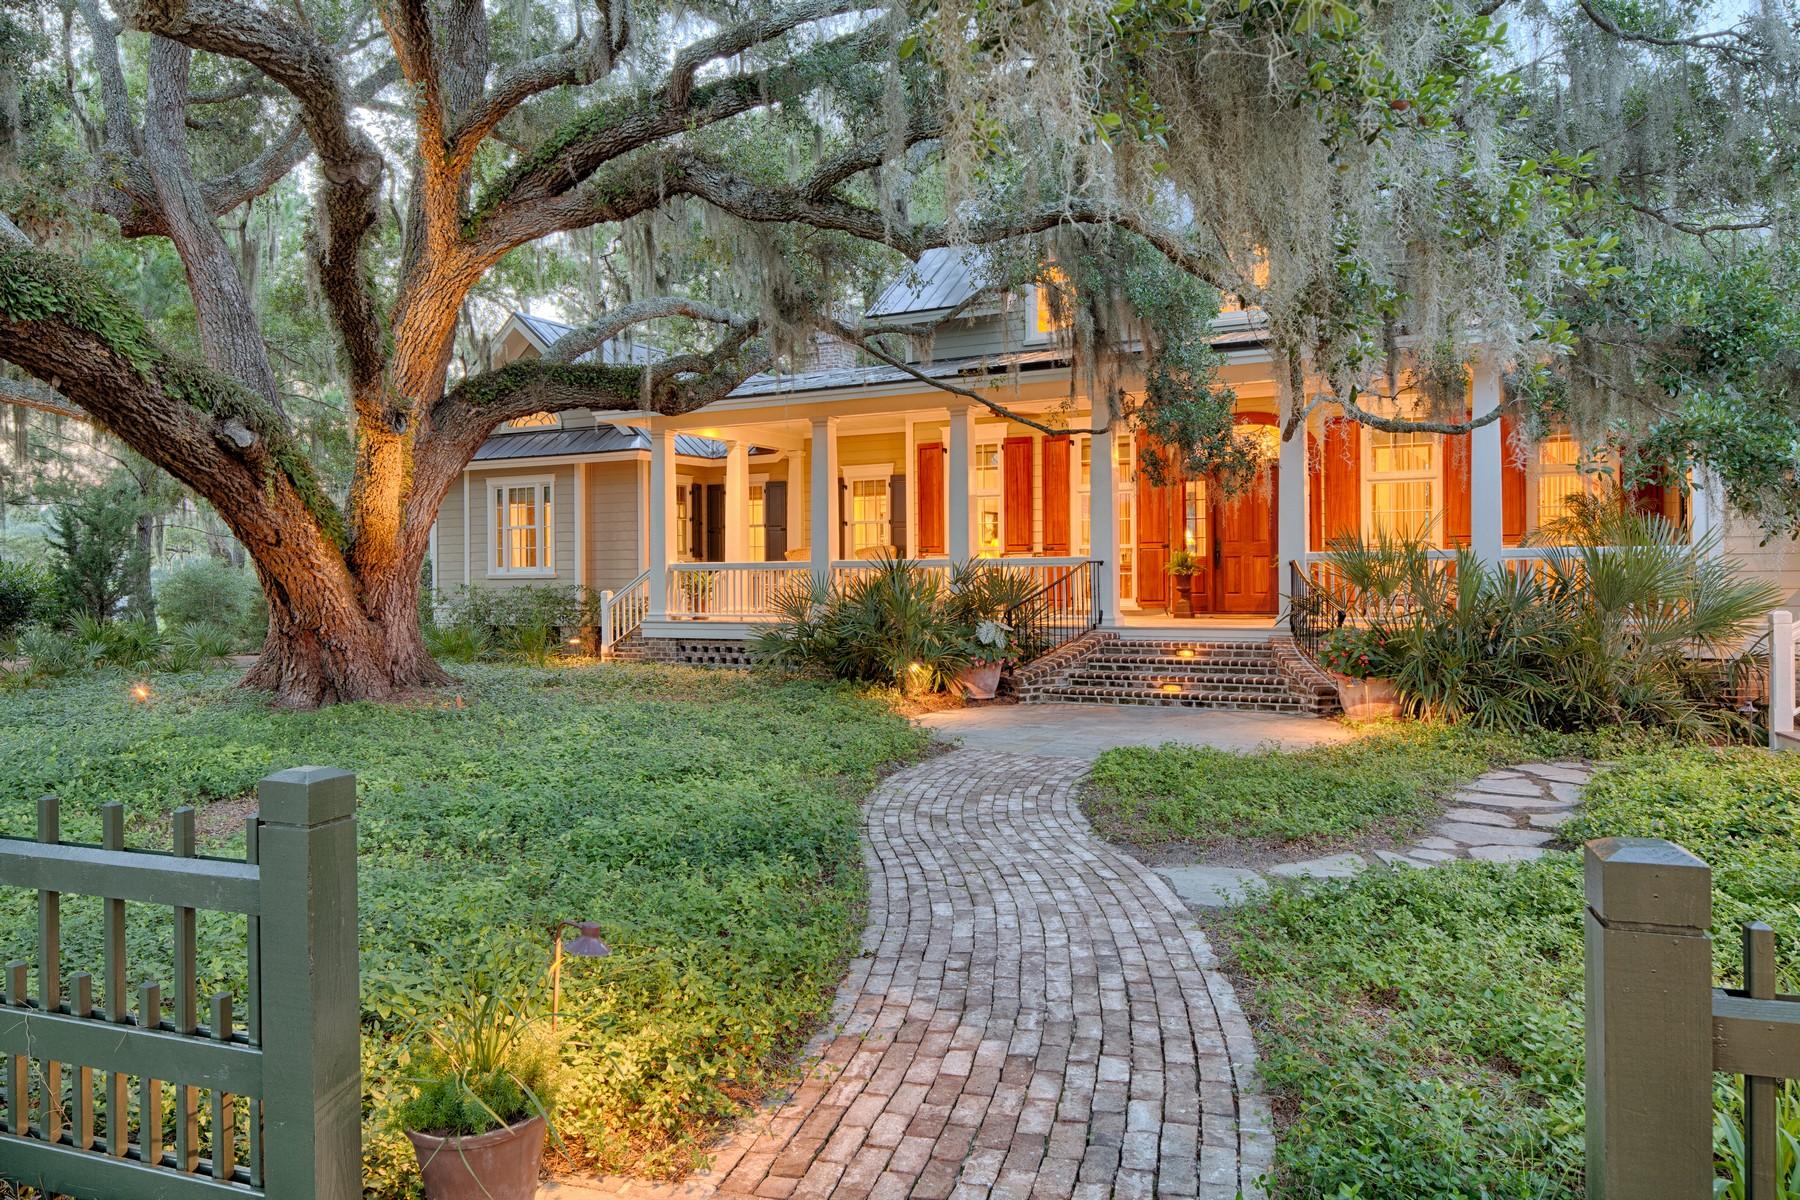 独户住宅 为 销售 在 Oldfield Plantation 32 Carrier Bluff 布拉夫顿, 南卡罗来纳州 29909 美国